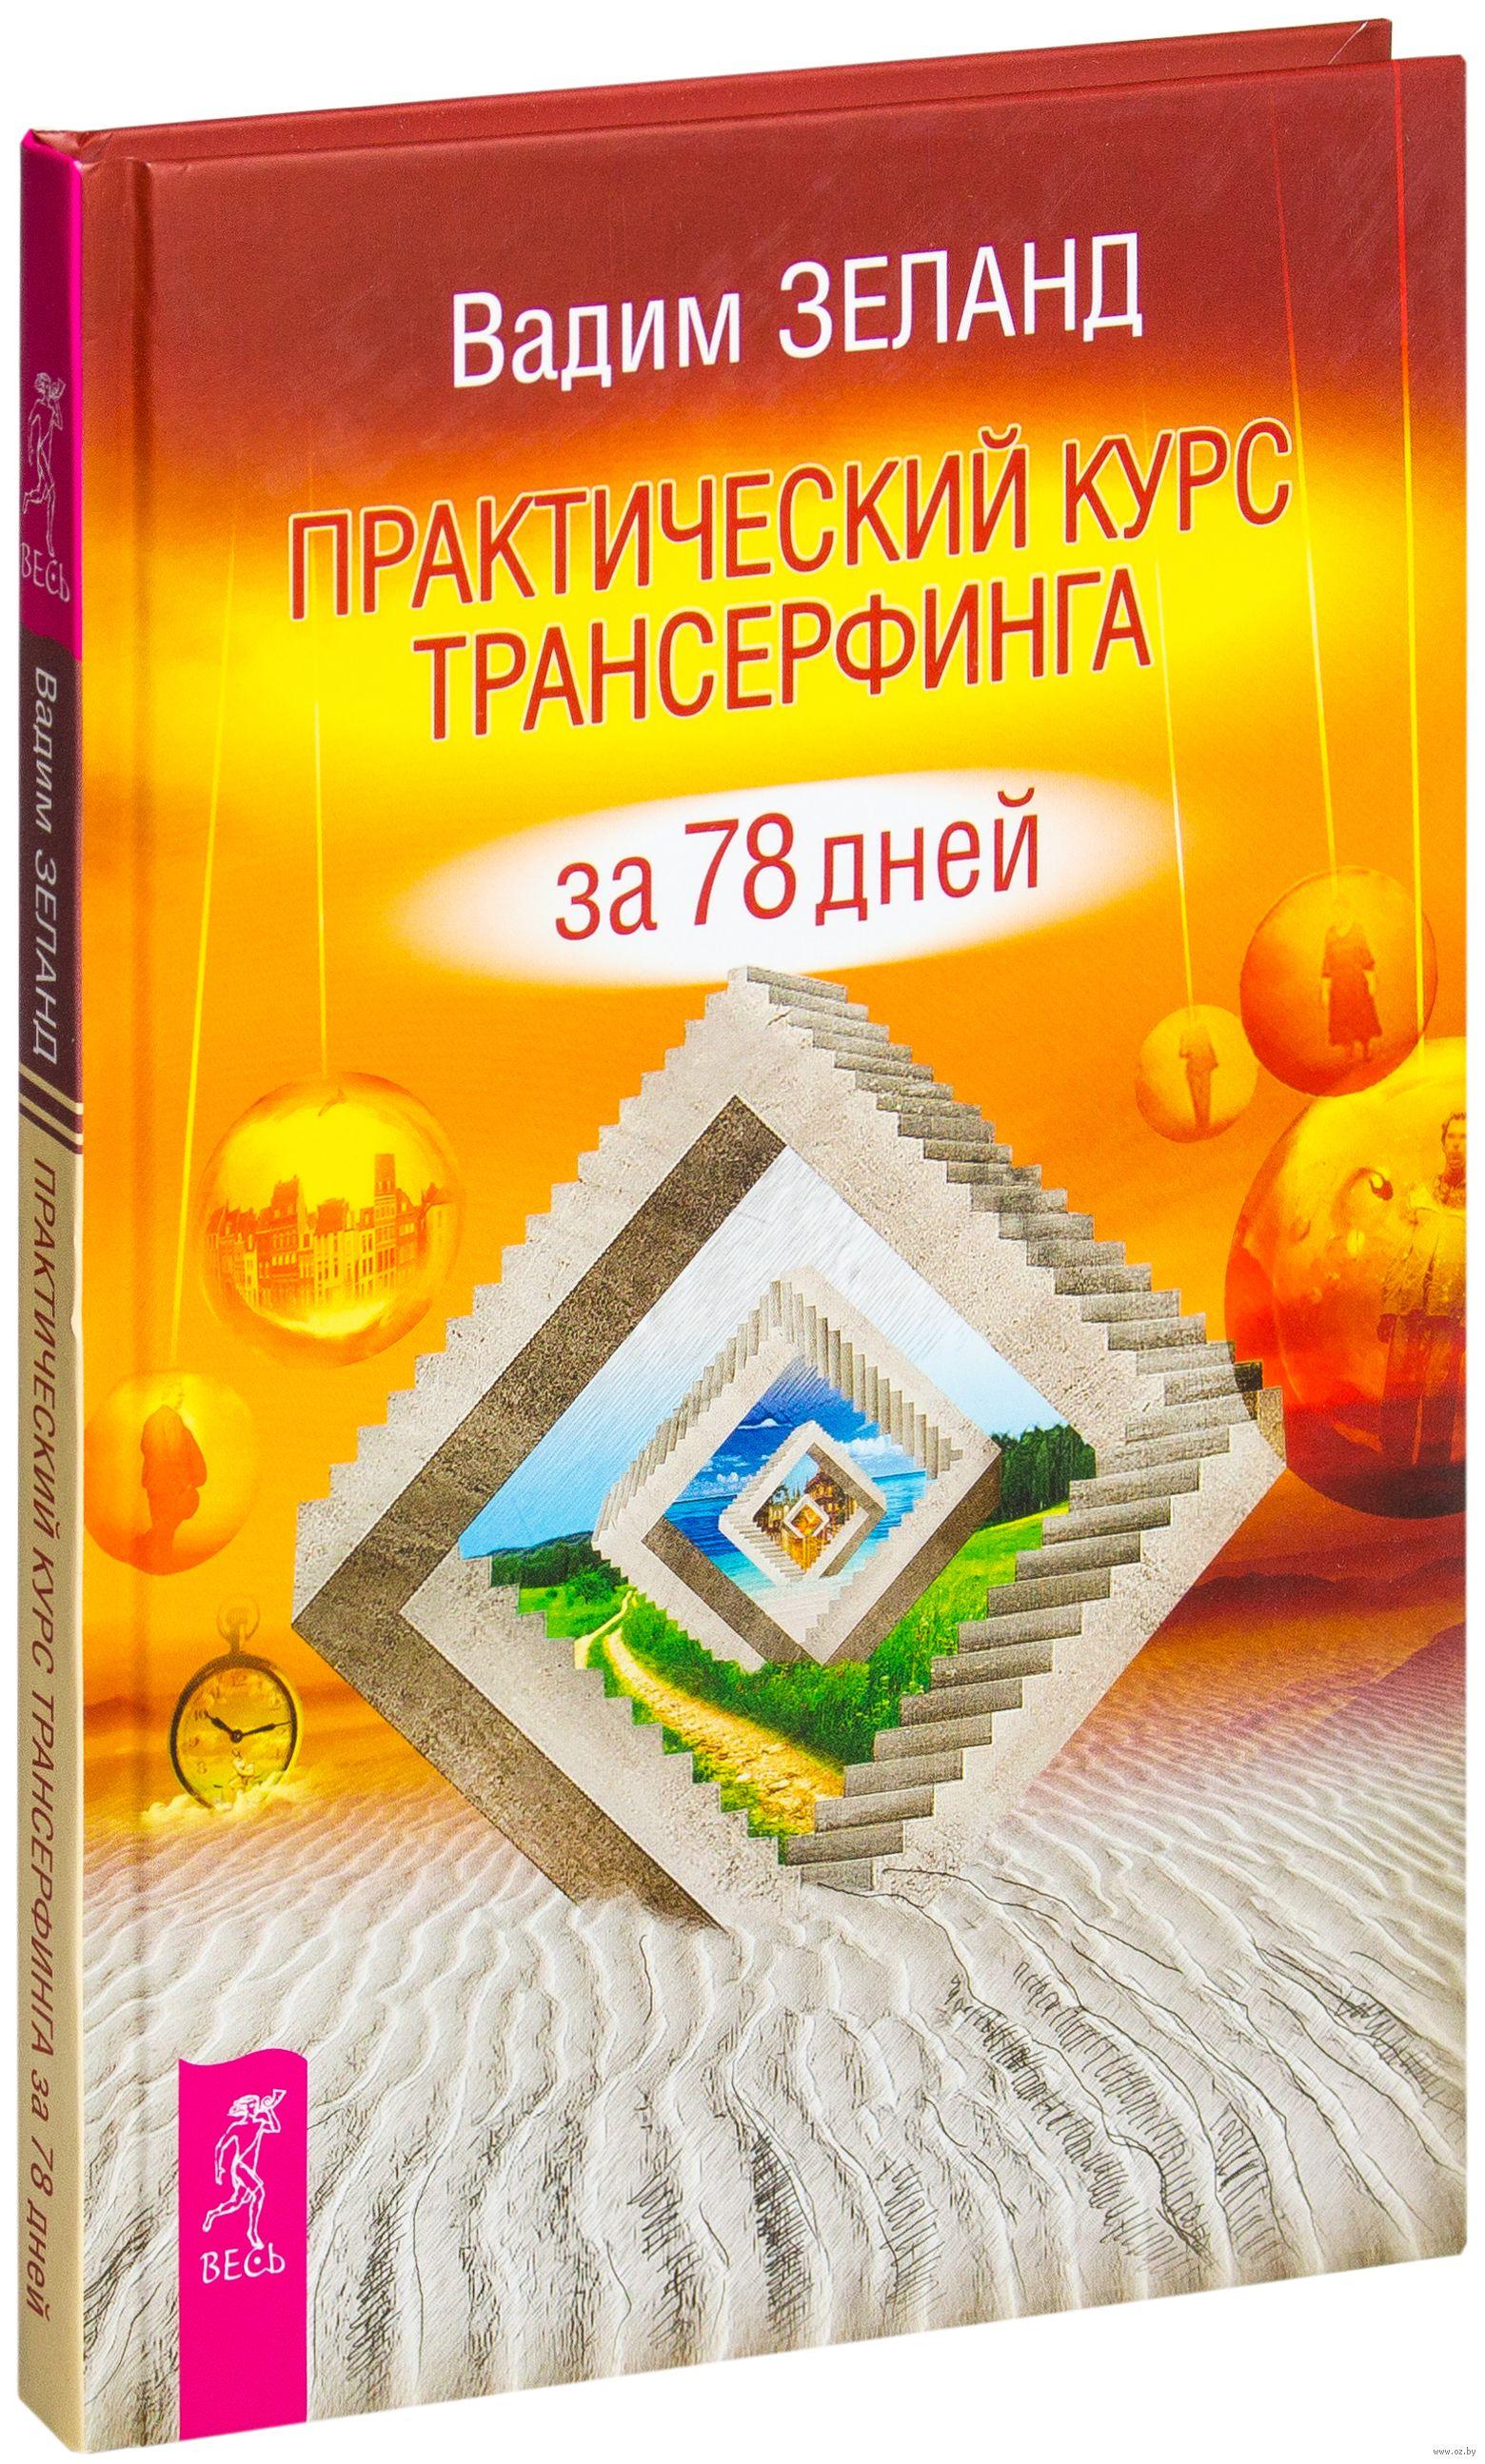 ЗЕЛАНД ПРАКТИЧЕСКИЙ КУРС 78 СКАЧАТЬ БЕСПЛАТНО